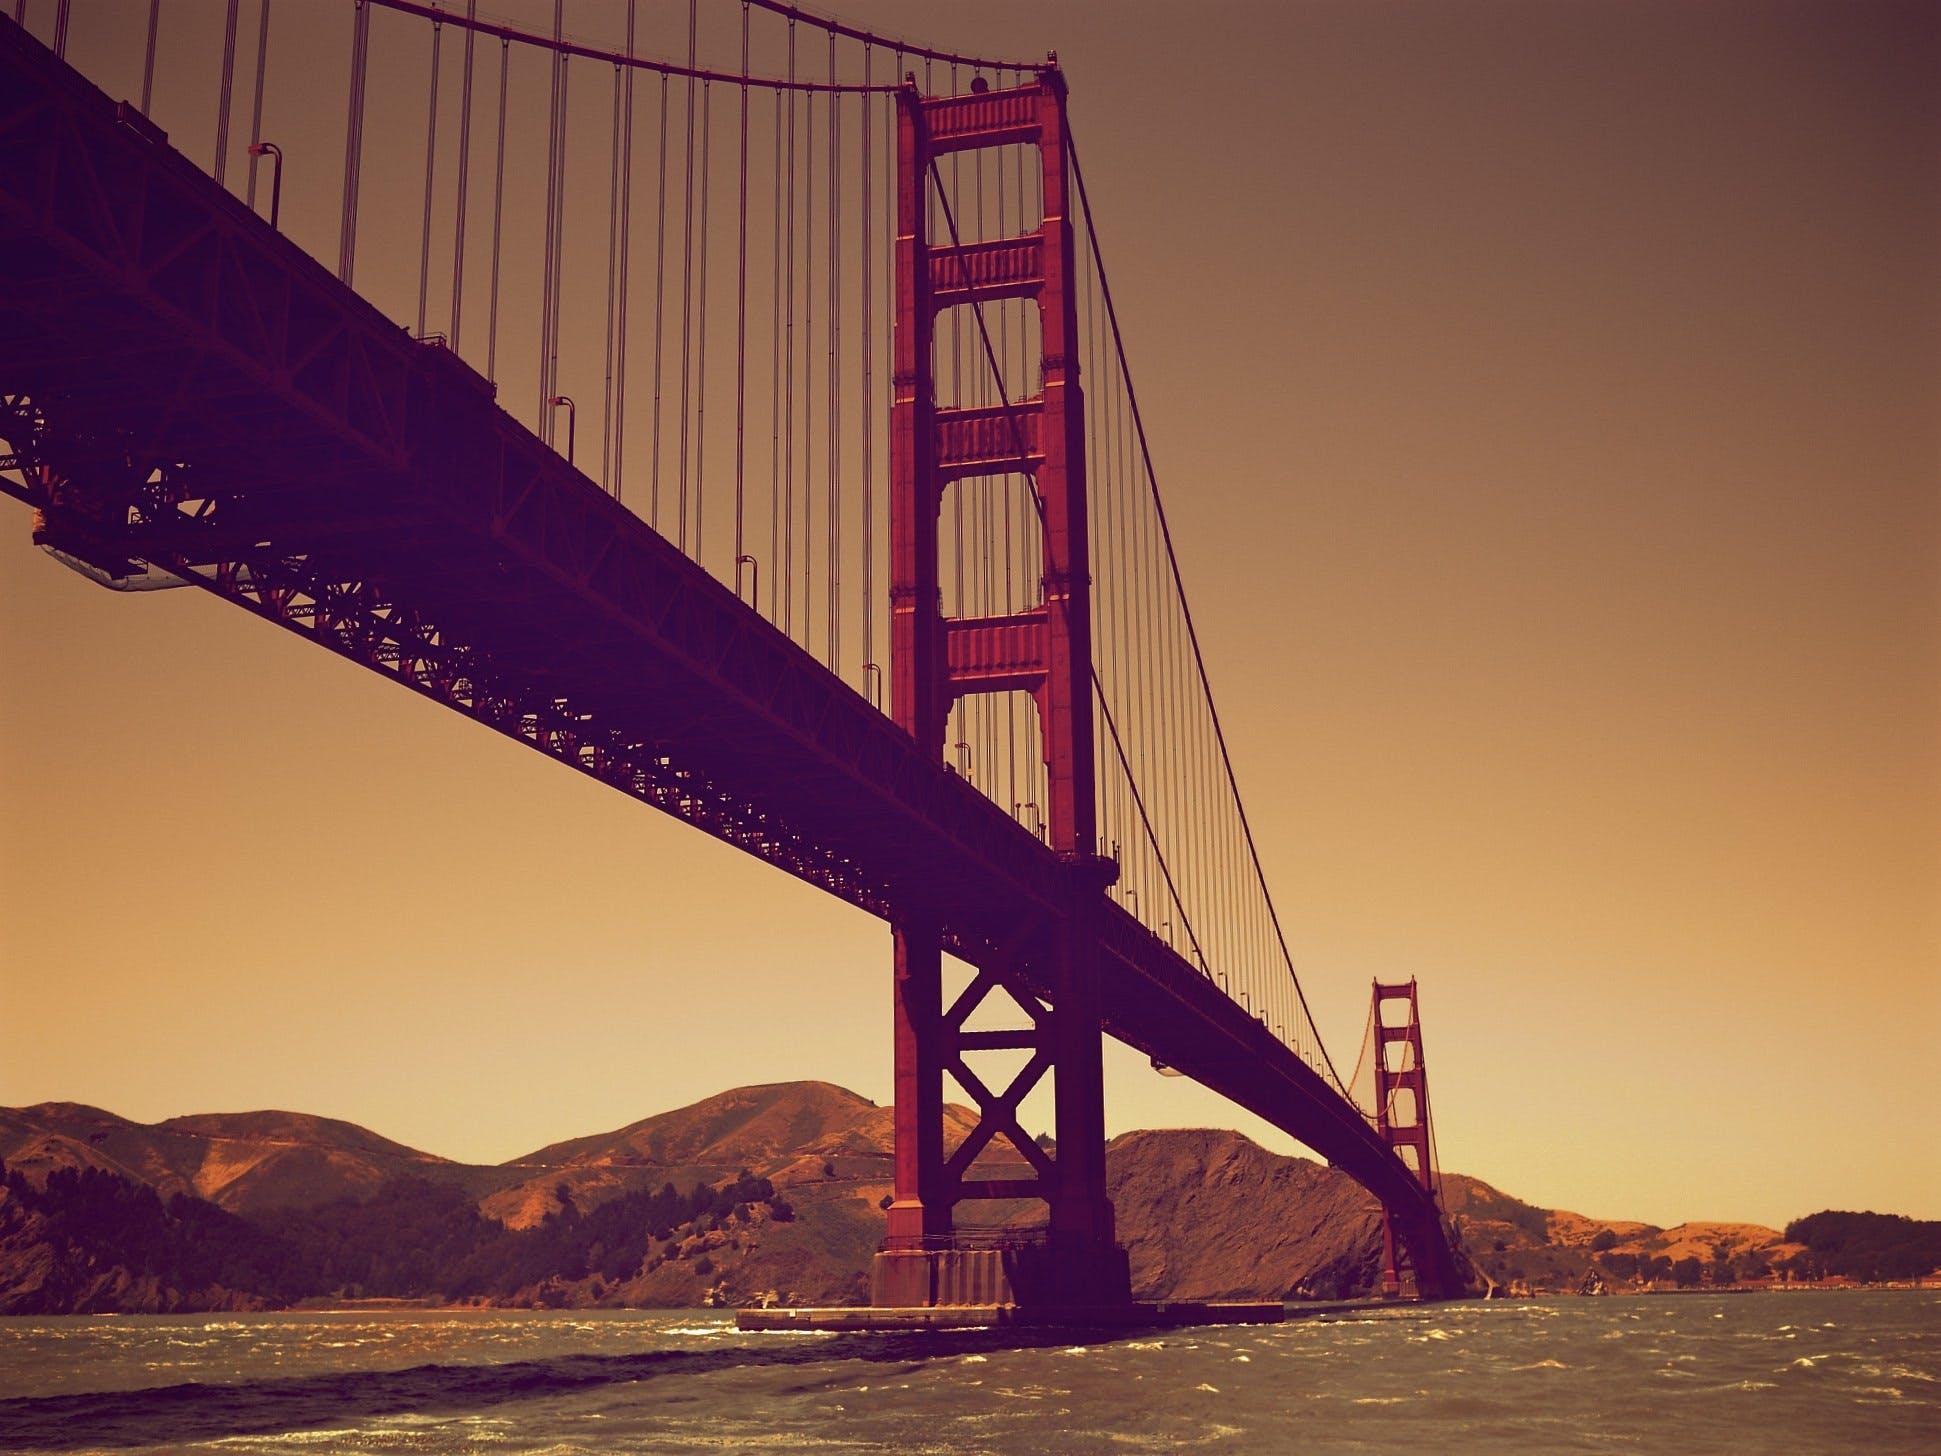 Kostenloses Stock Foto zu architektur, brücke, dämmerung, golden gate bridge